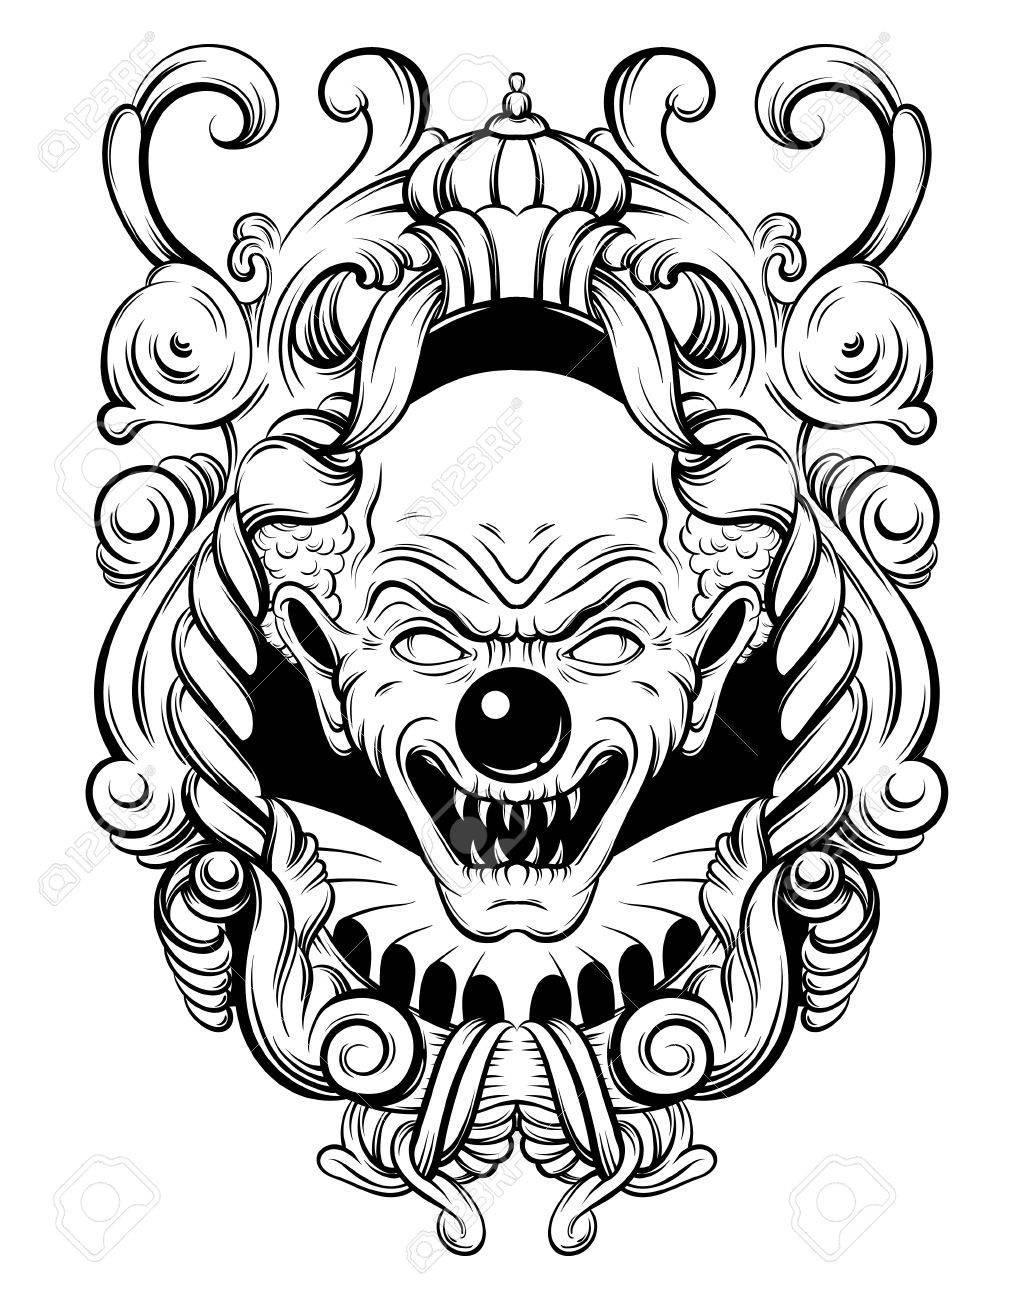 Vektor Hand Gezeichnet Illustration Der Wütenden Clown Im Barocken ...